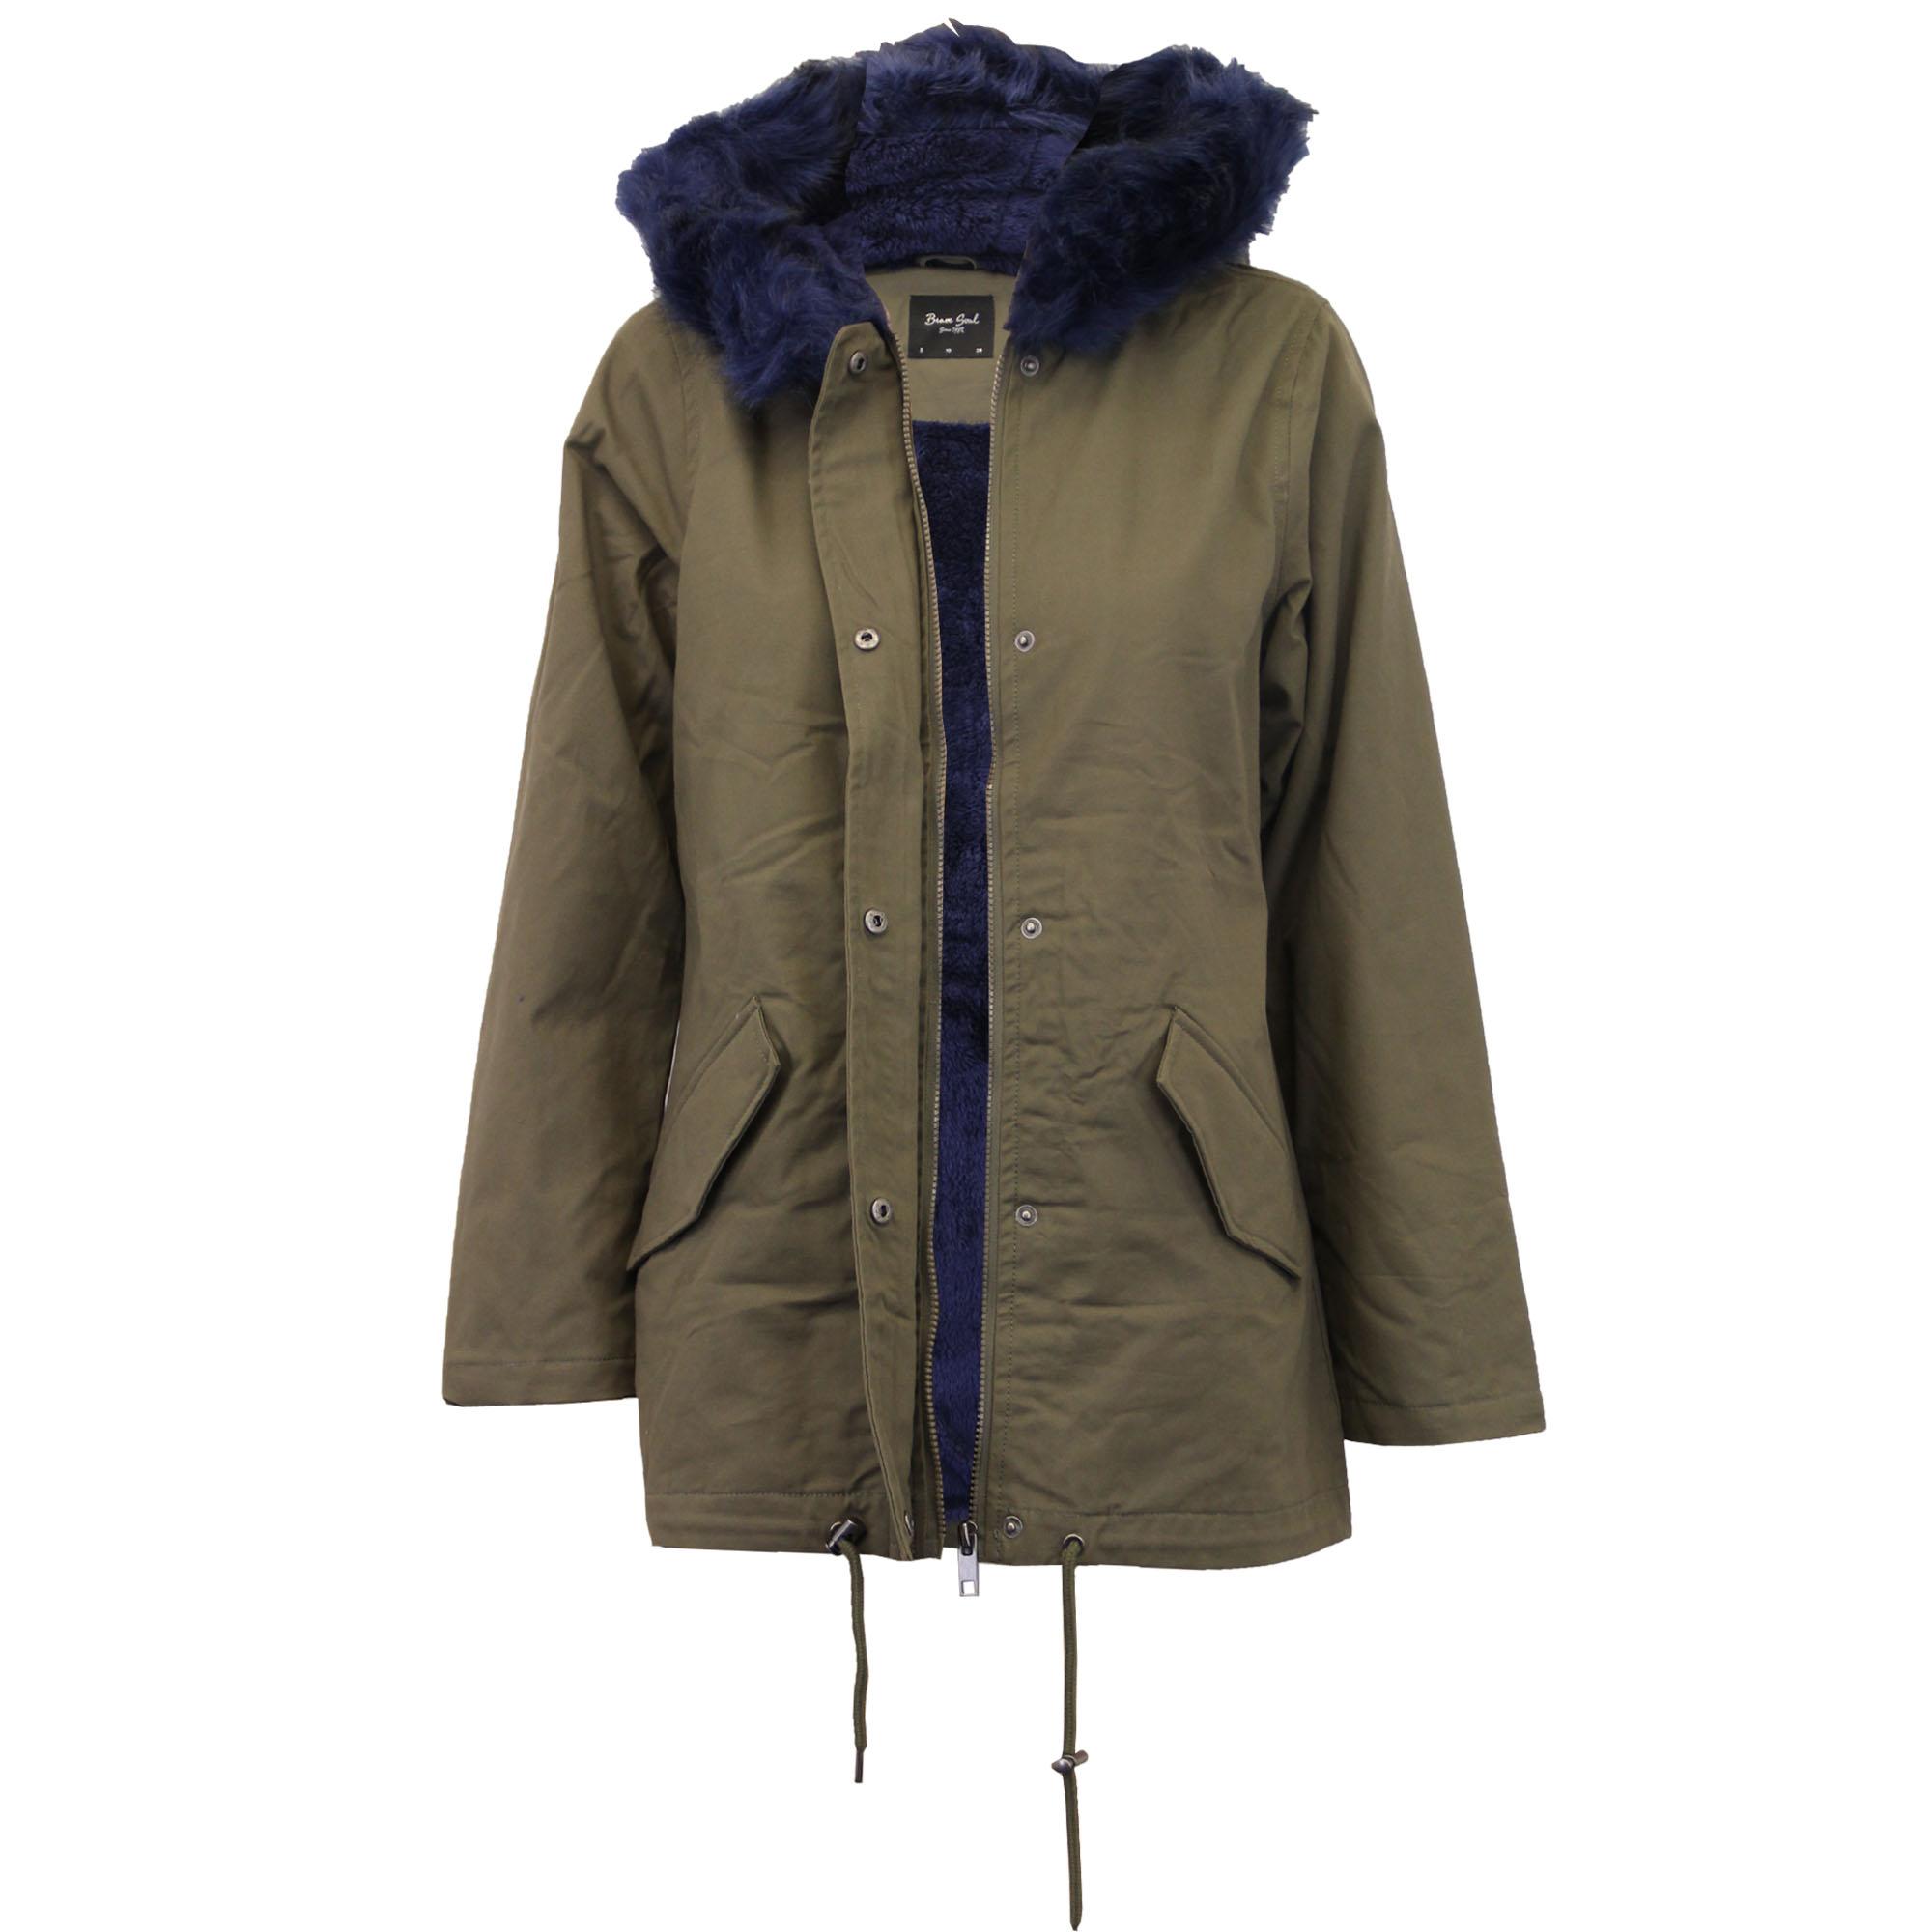 ladies jacket brave soul parka coat hooded fur sherpa. Black Bedroom Furniture Sets. Home Design Ideas